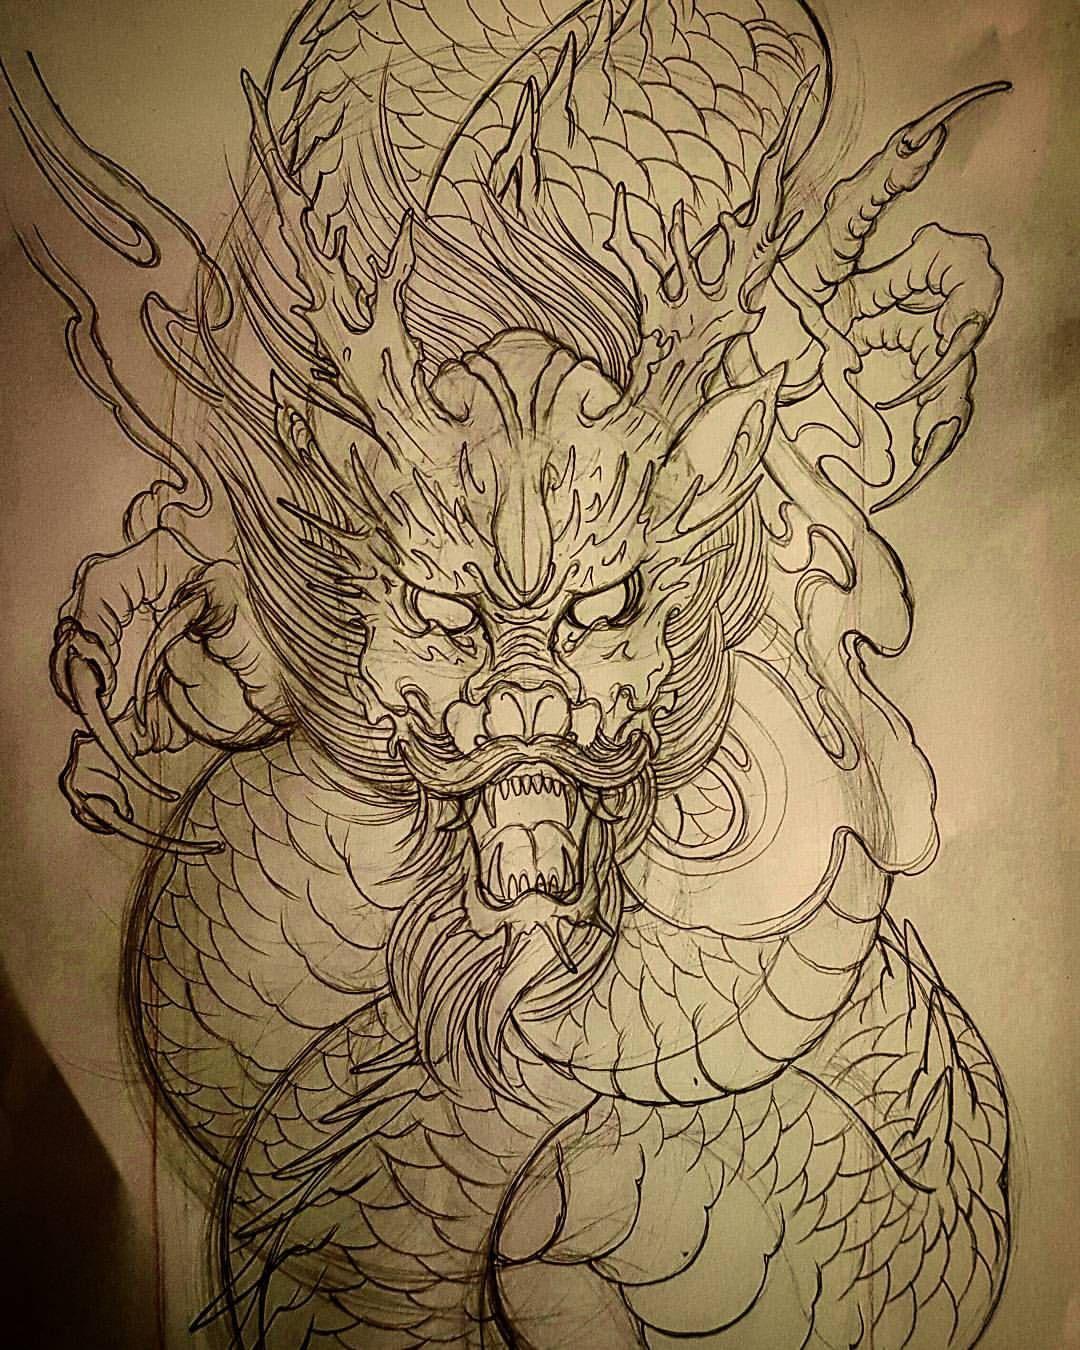 forclient dragon ryu sketch pencil custom